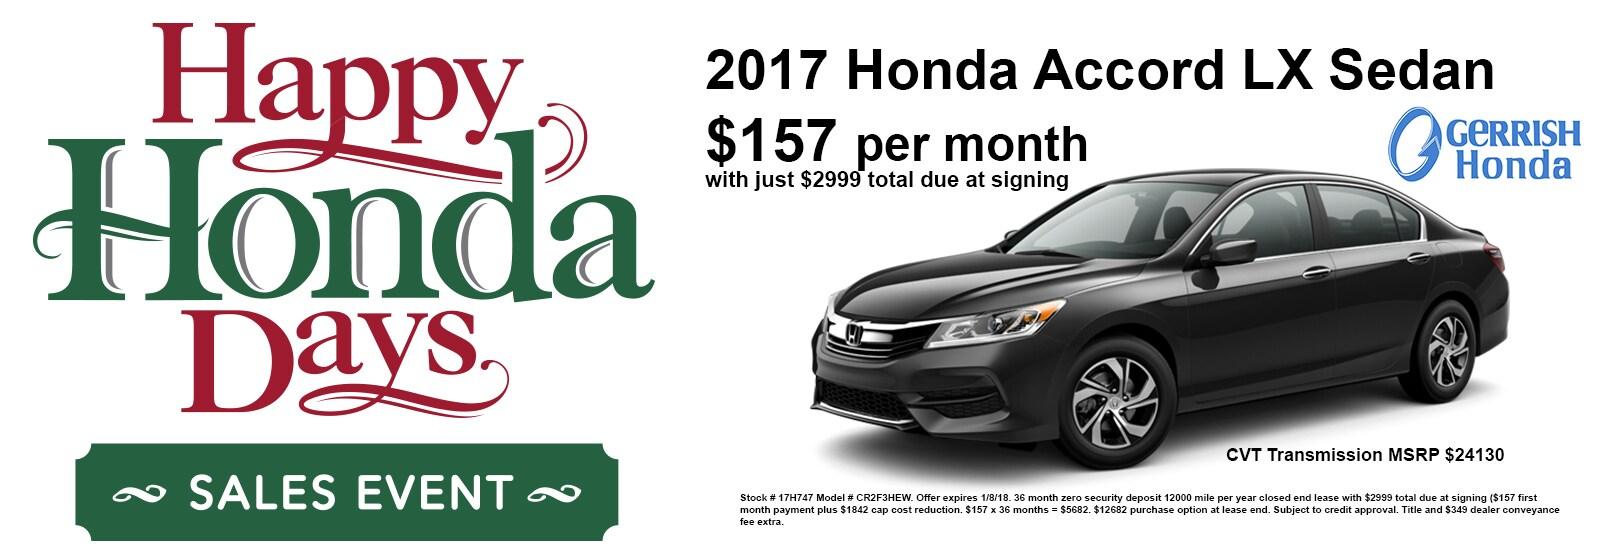 Gerrish Honda